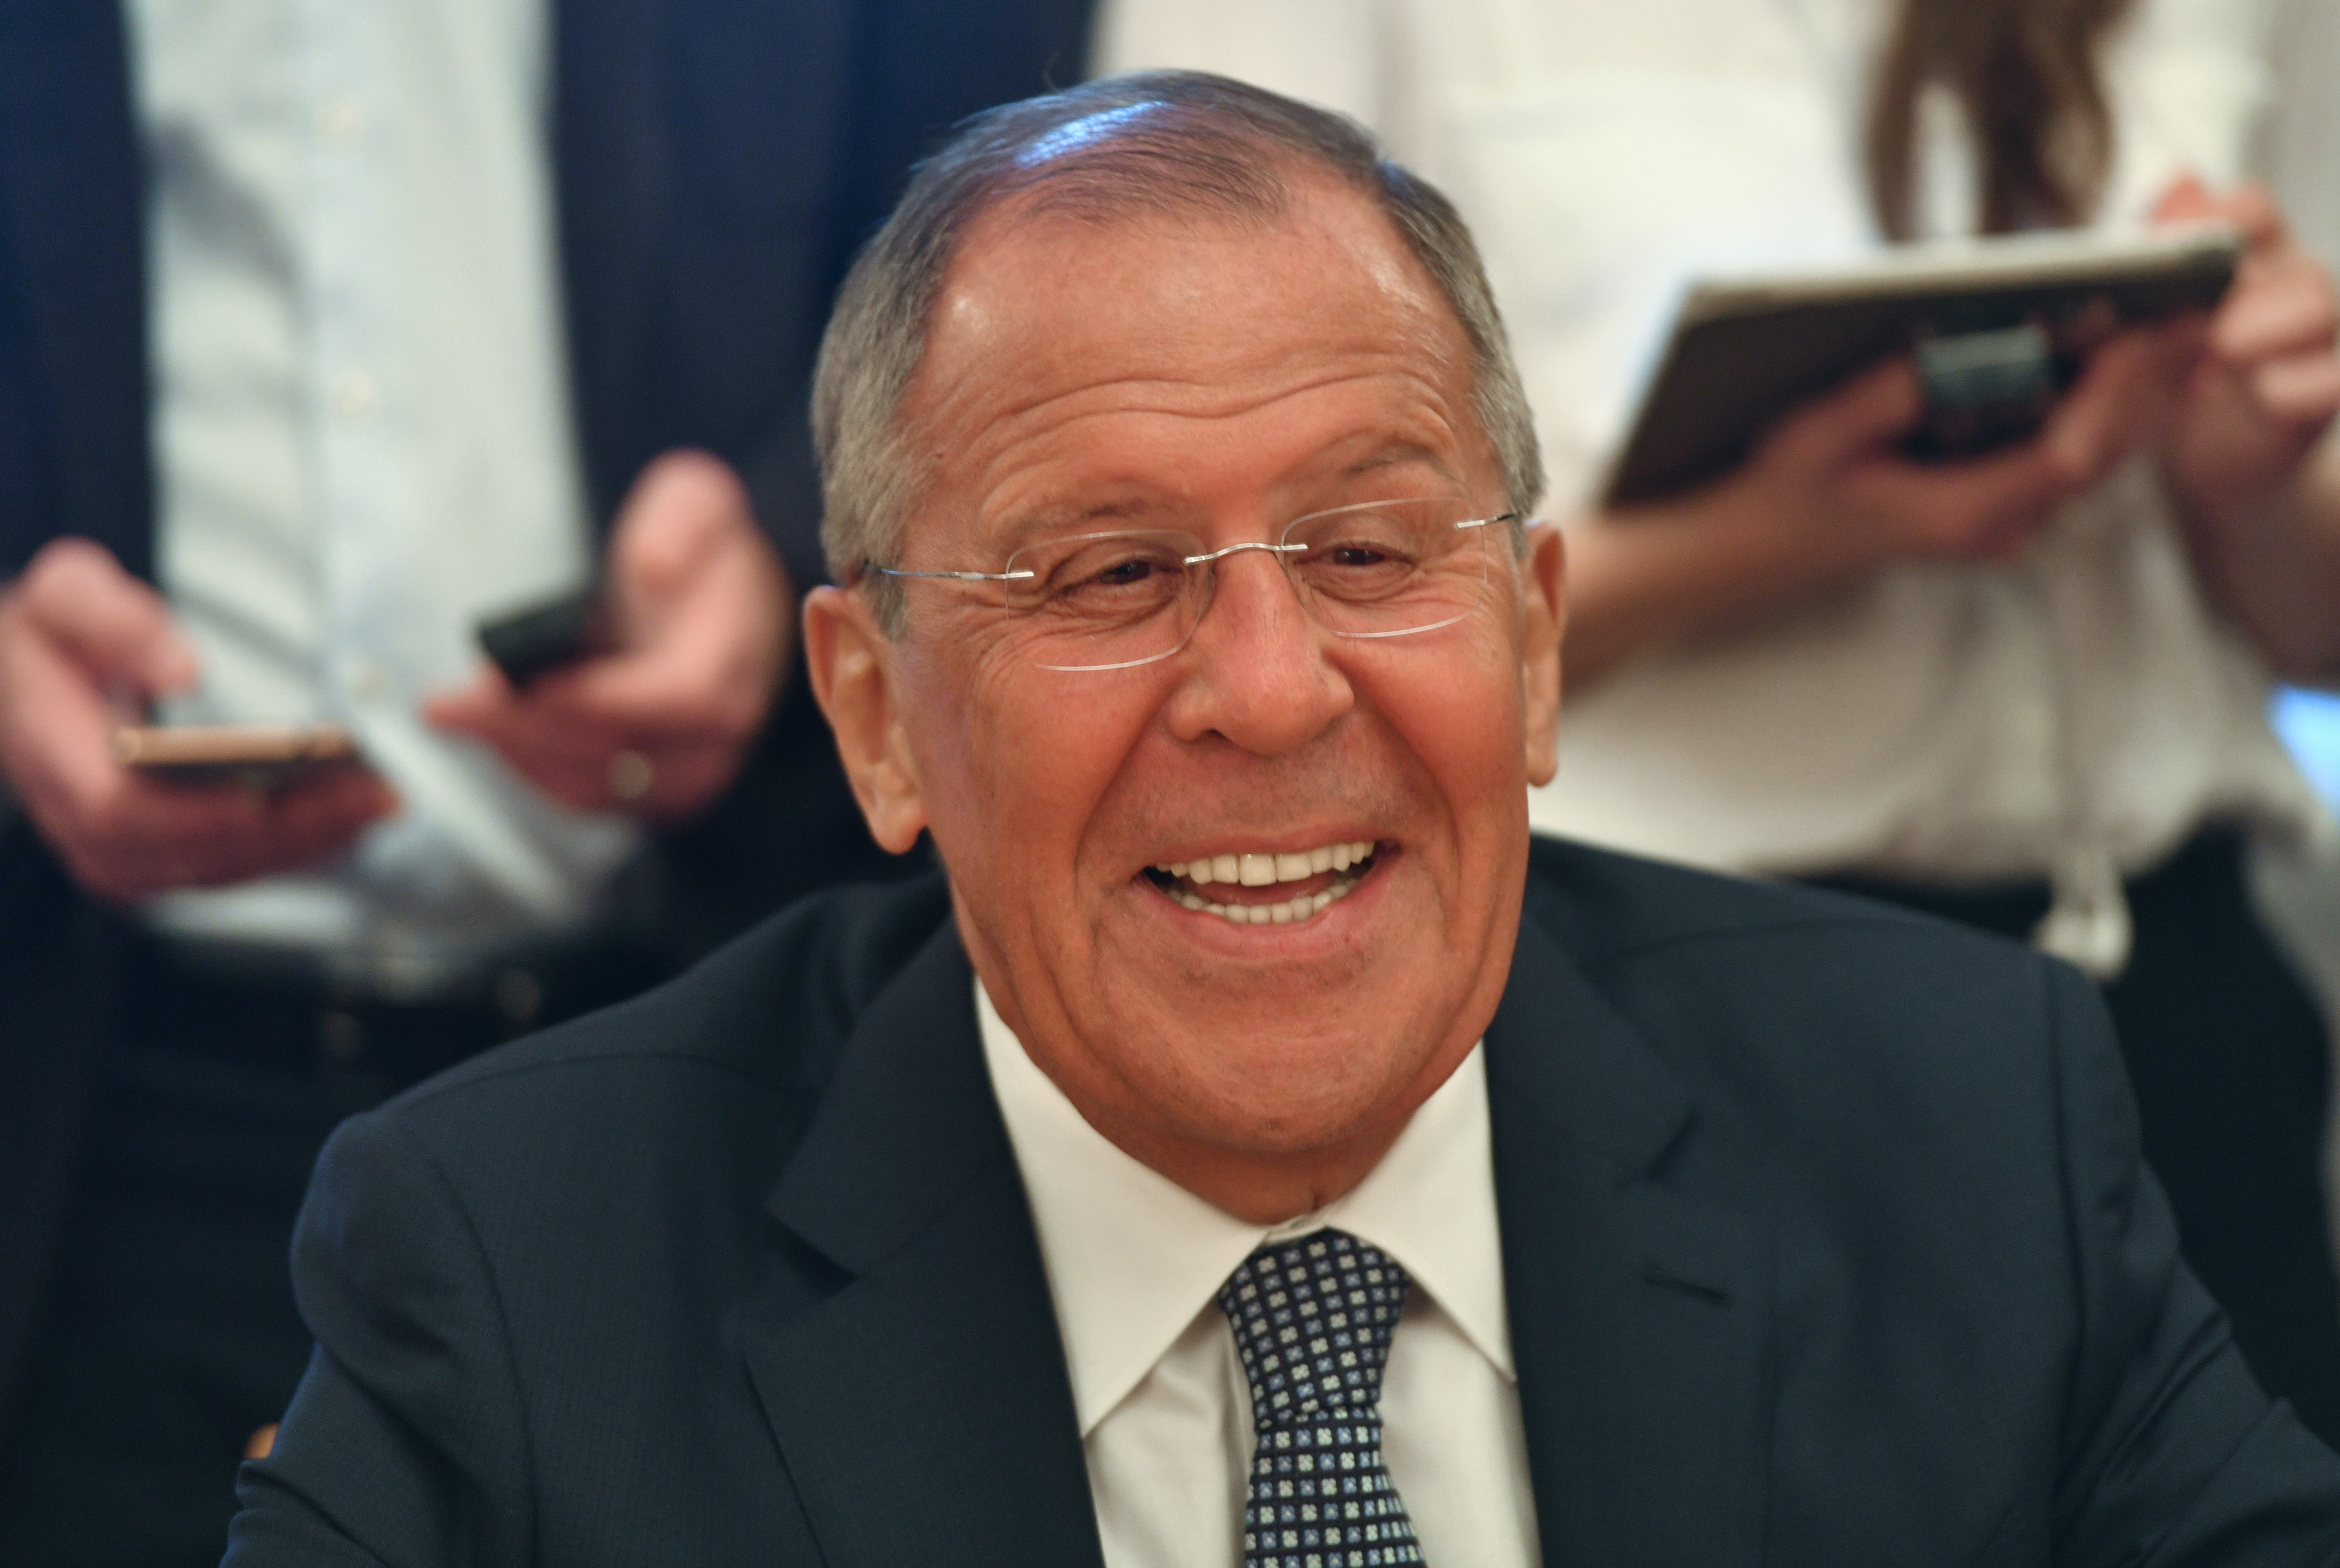 Политики ЕС в шоке - Лавров умеет улыбаться. Но не вам, господа...